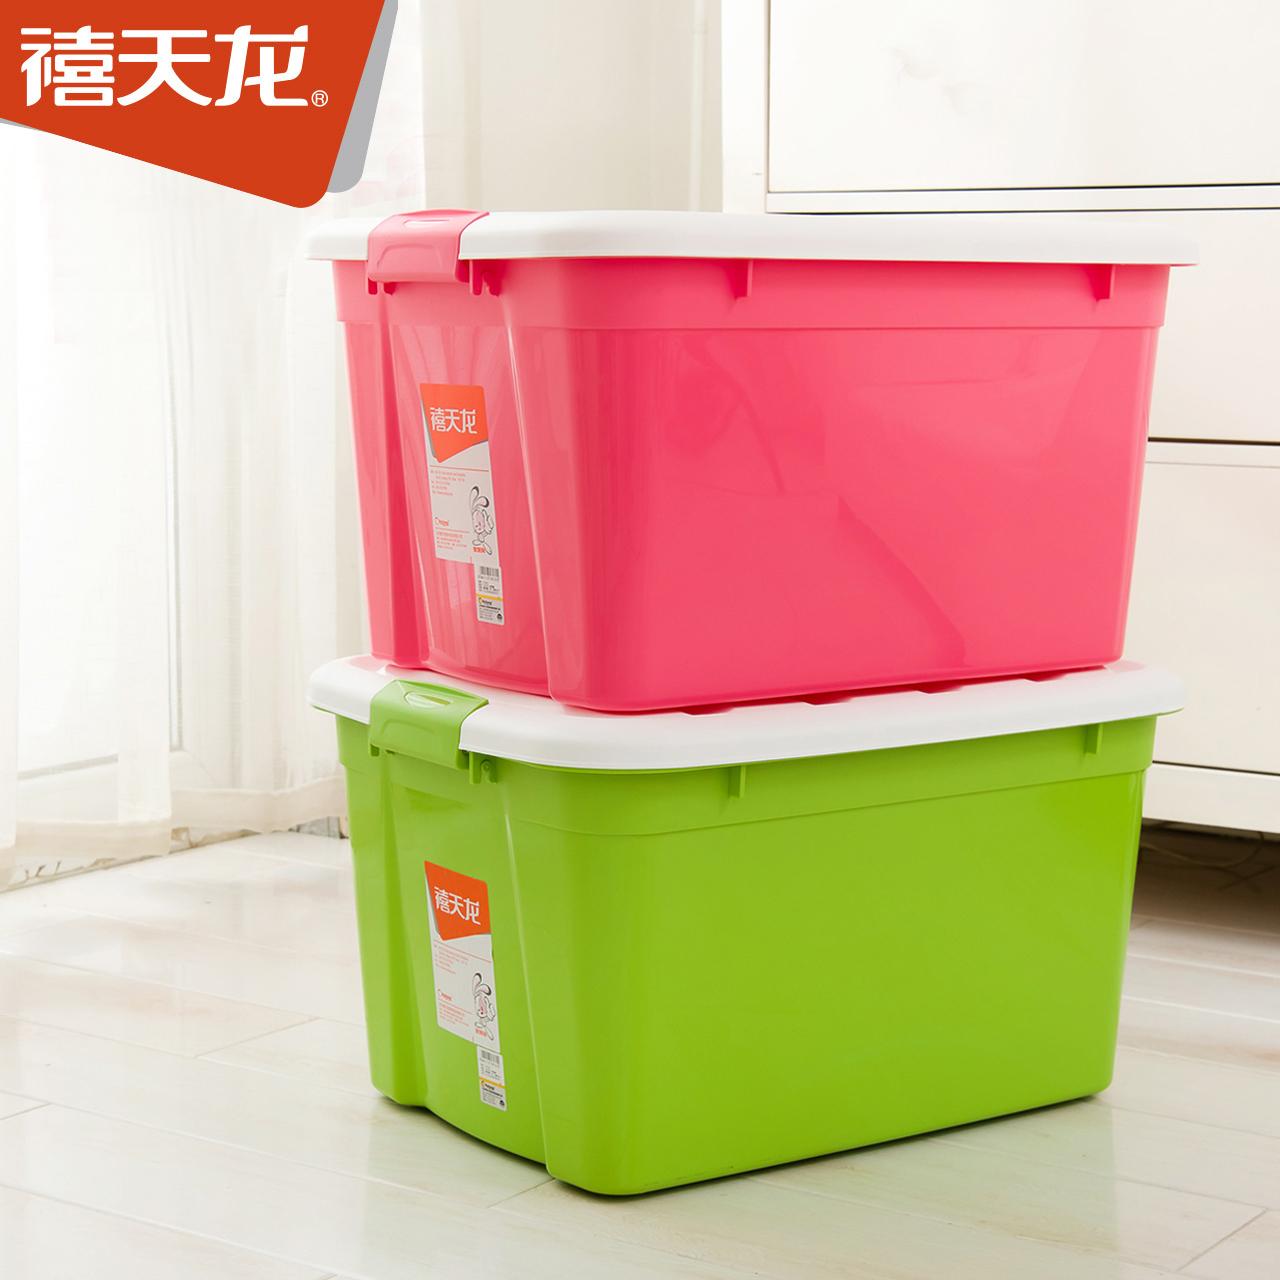 禧天龙大号塑料衣物收纳箱儿童玩具储物箱塑料有盖收纳箱5元优惠券